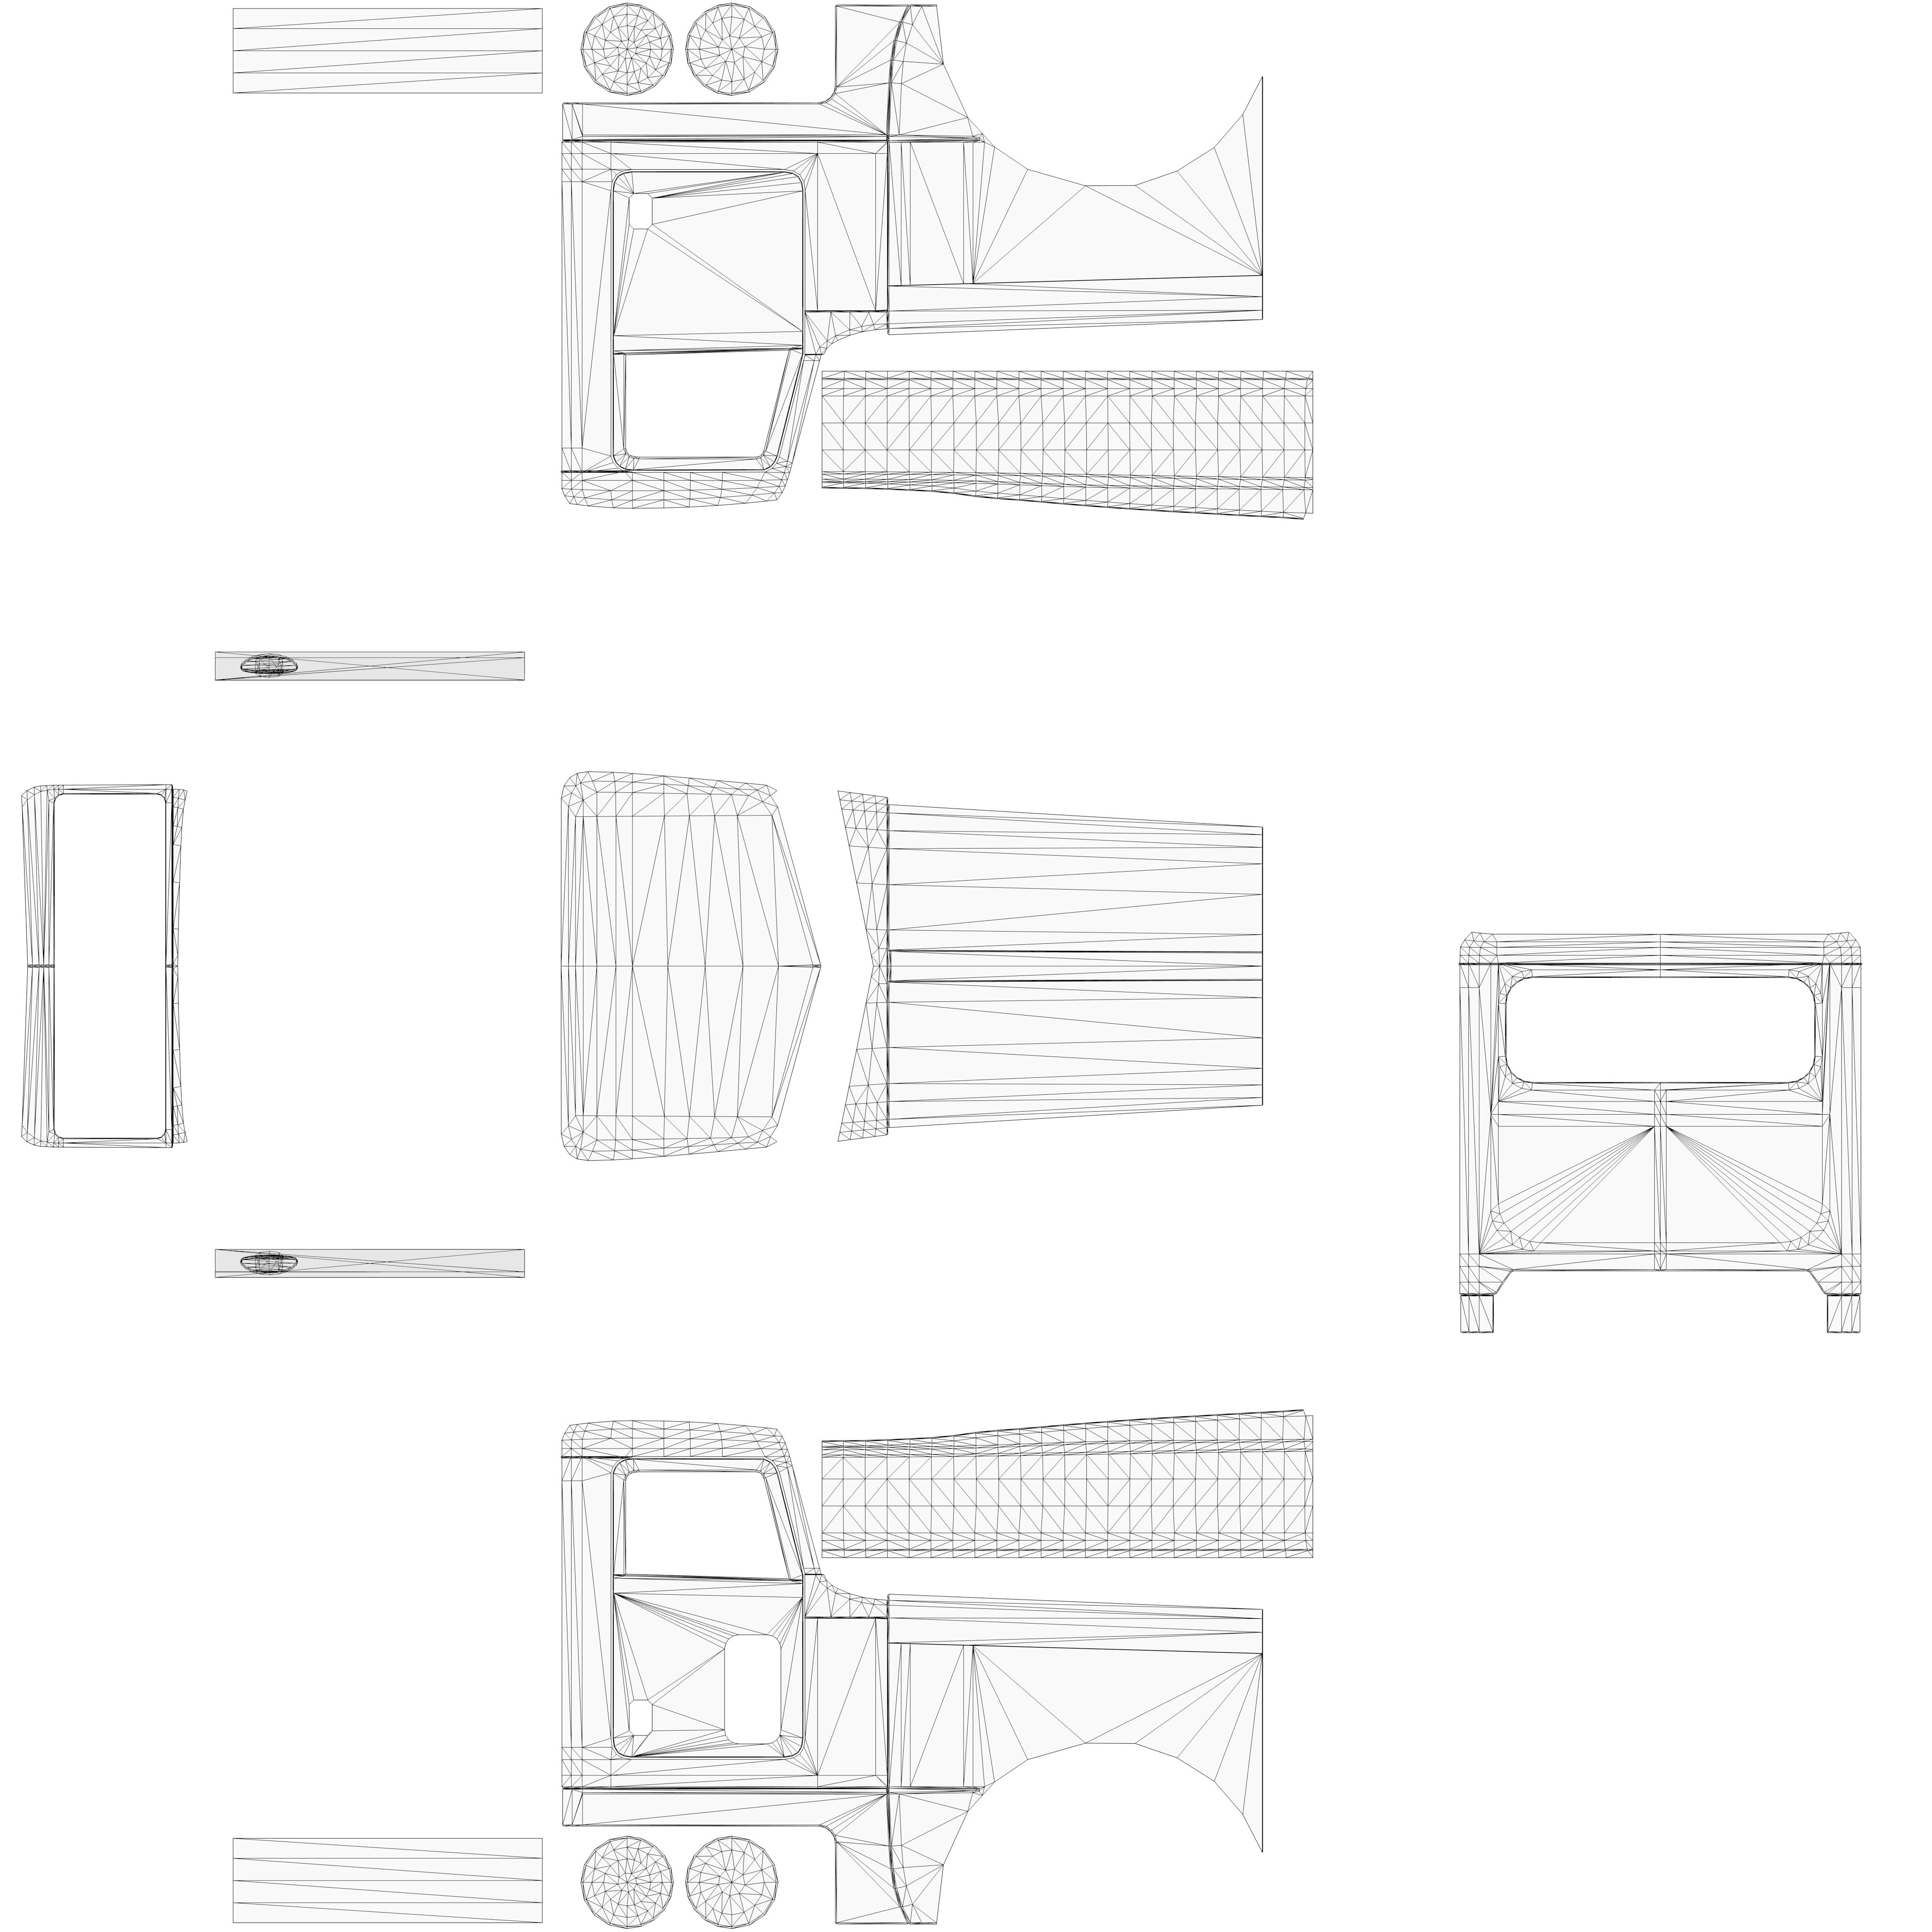 scs peterbilt 389 all cabins template by khal lemar ats mods